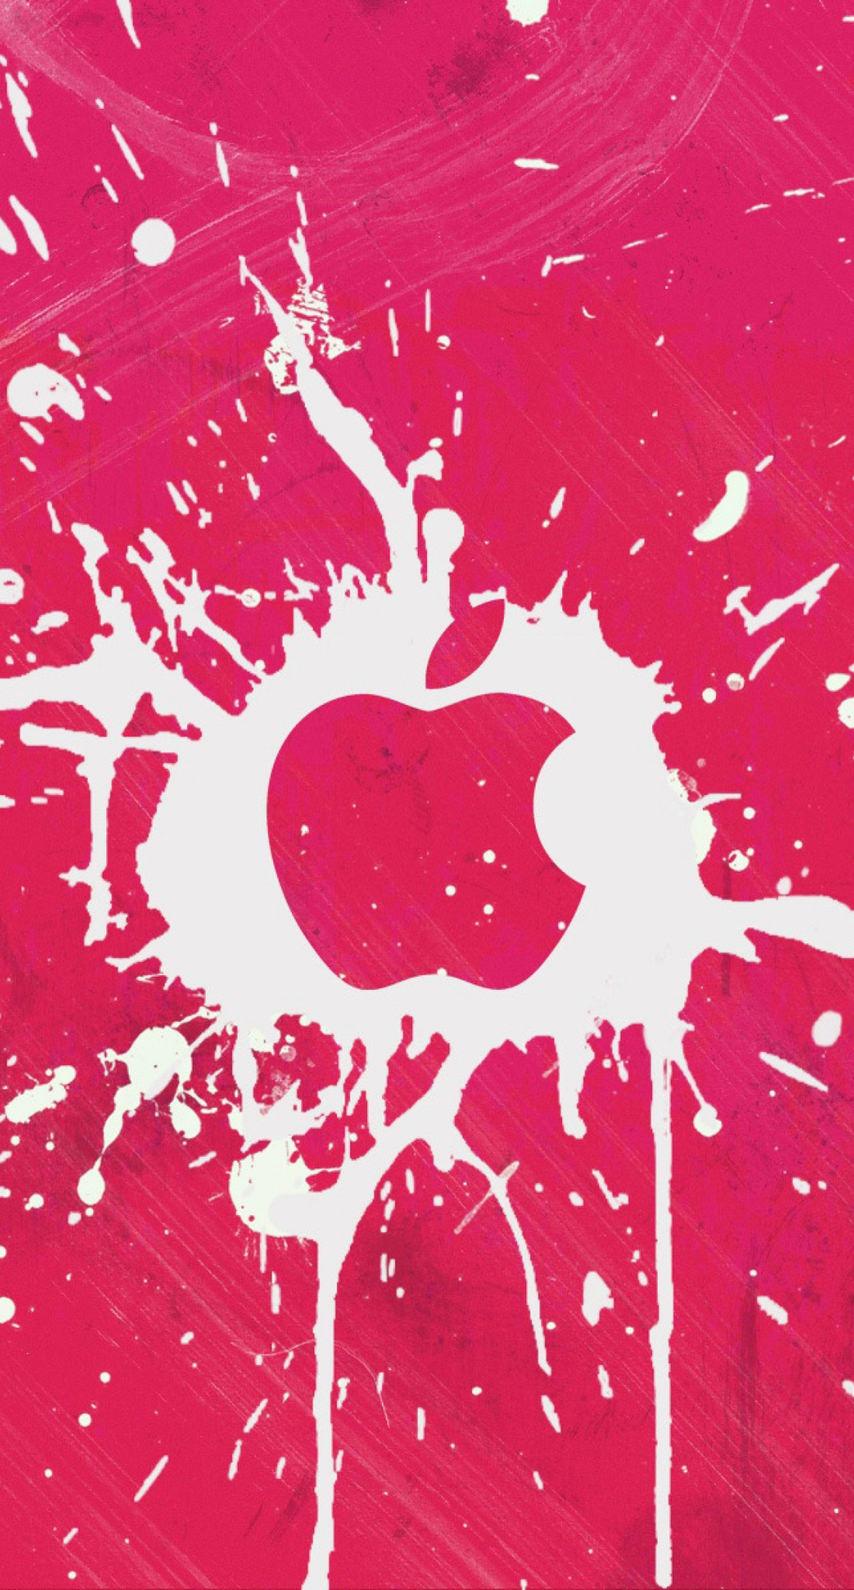 アップルロゴのピンクペンキ